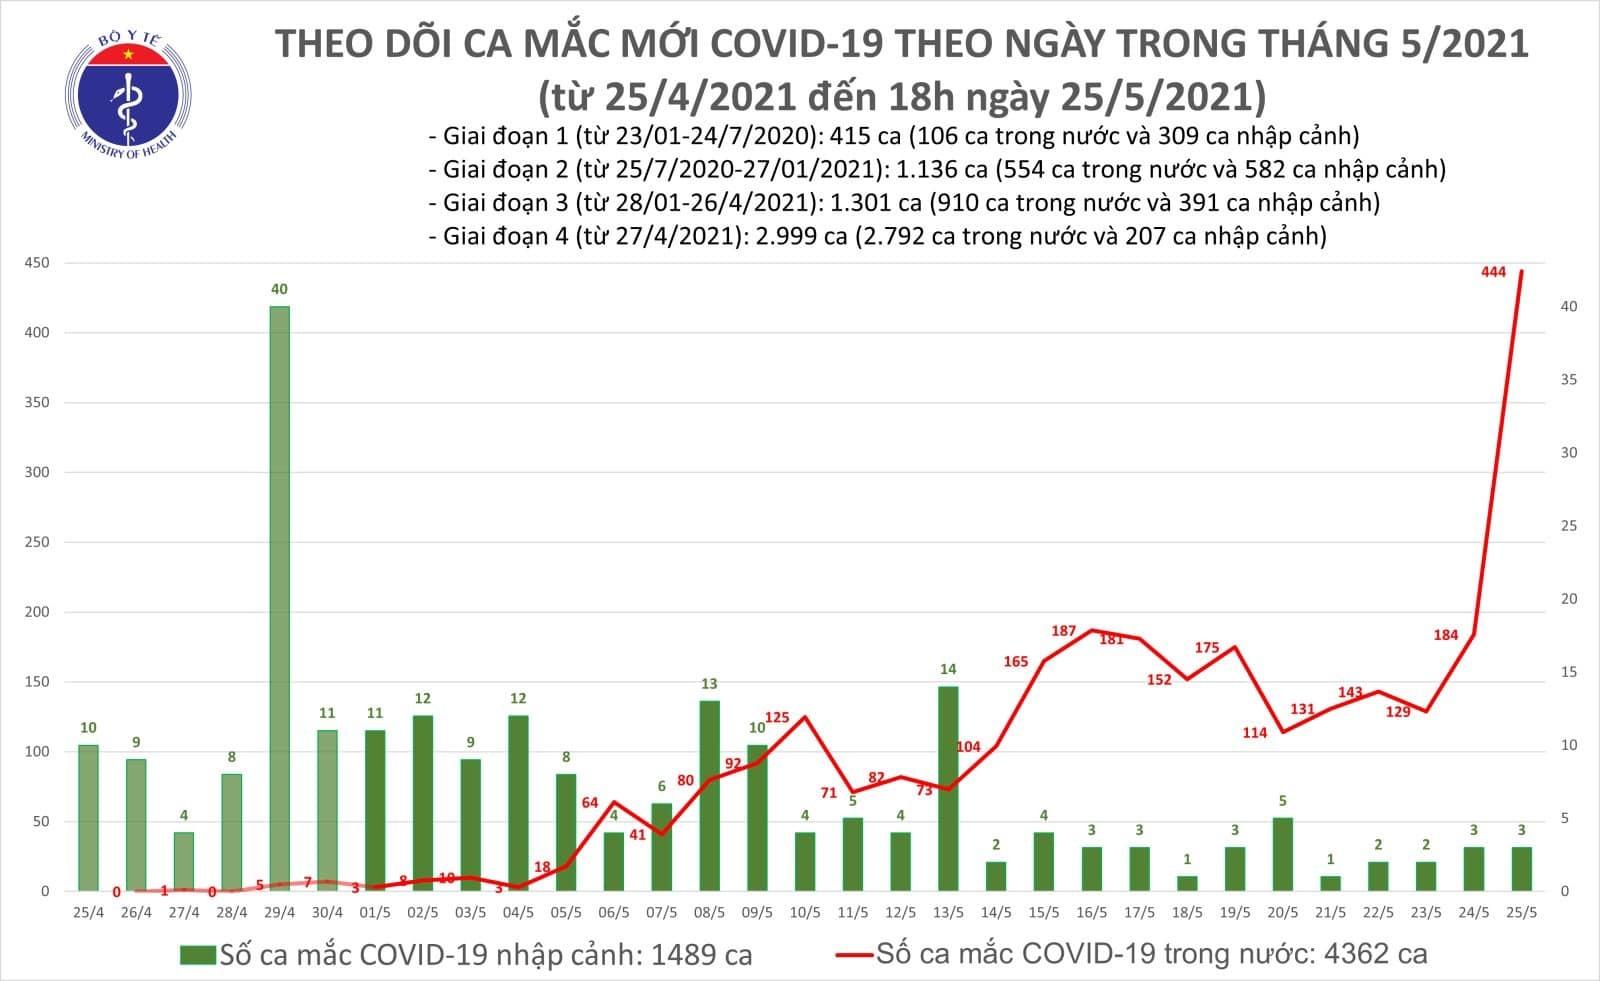 Tối 25/5: Thêm 287 ca mắc COVID-19 trong nước, Bắc Giang 243 ca, Hà Nội 11 ca